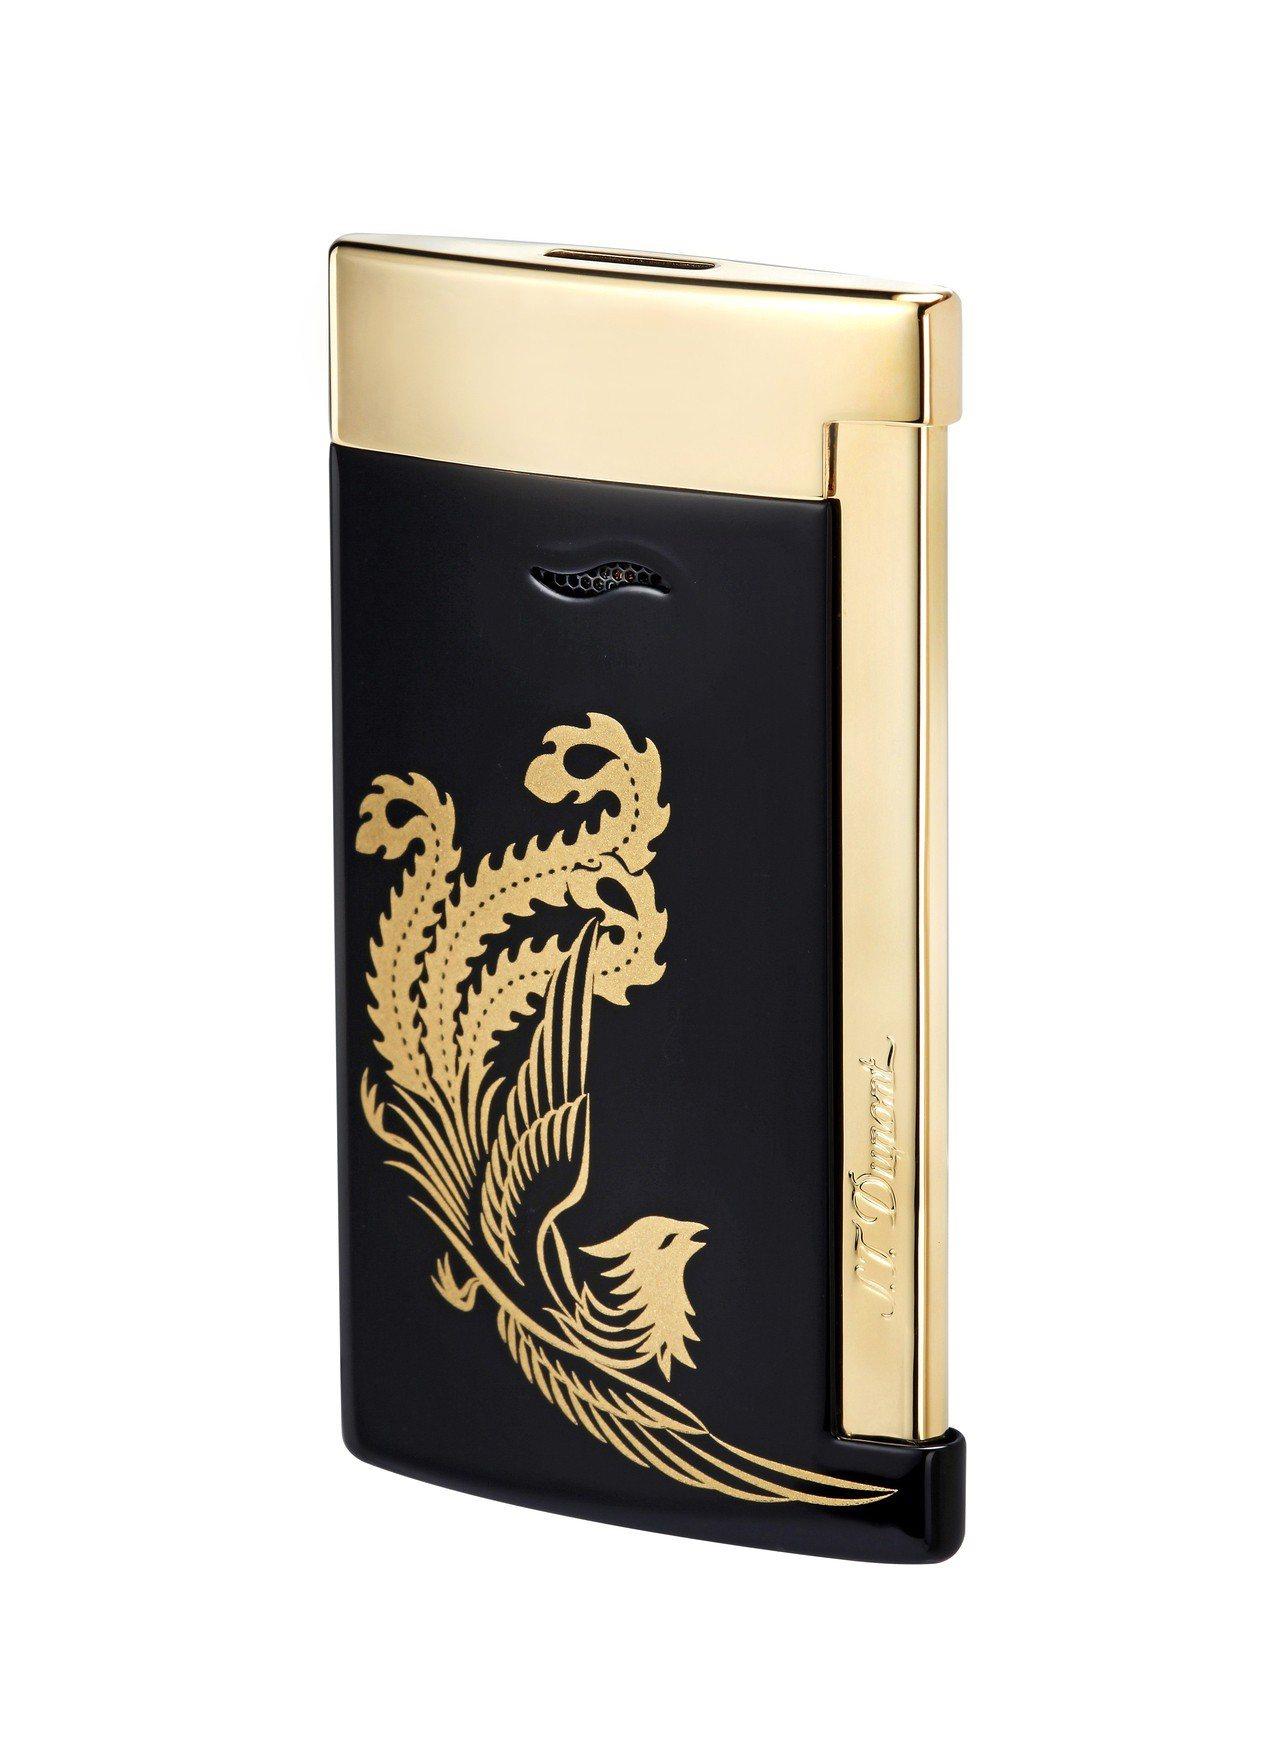 Dupont台北新光三越百貨A9館獨家商品SLIM 7系列打火機-鳳凰,6,98...